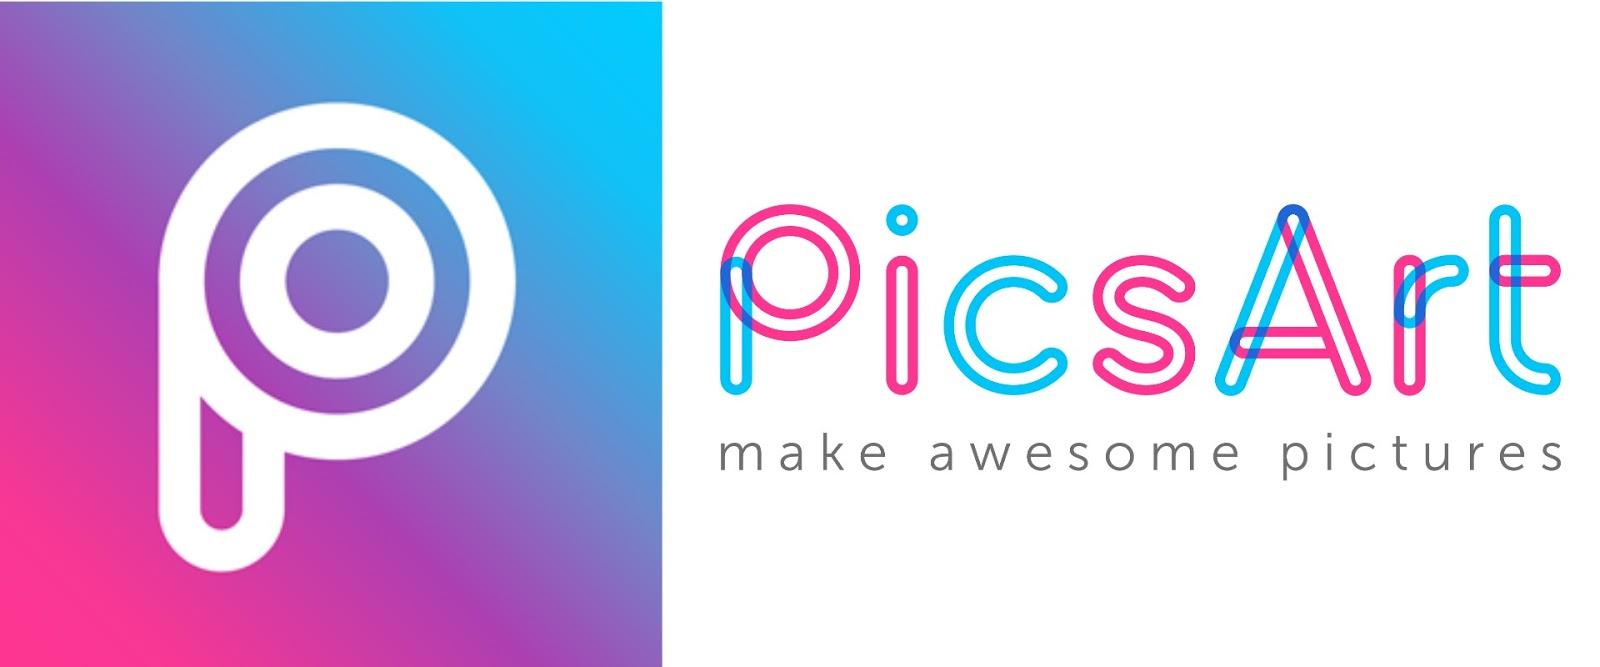 PicsArt - Photo Editor App